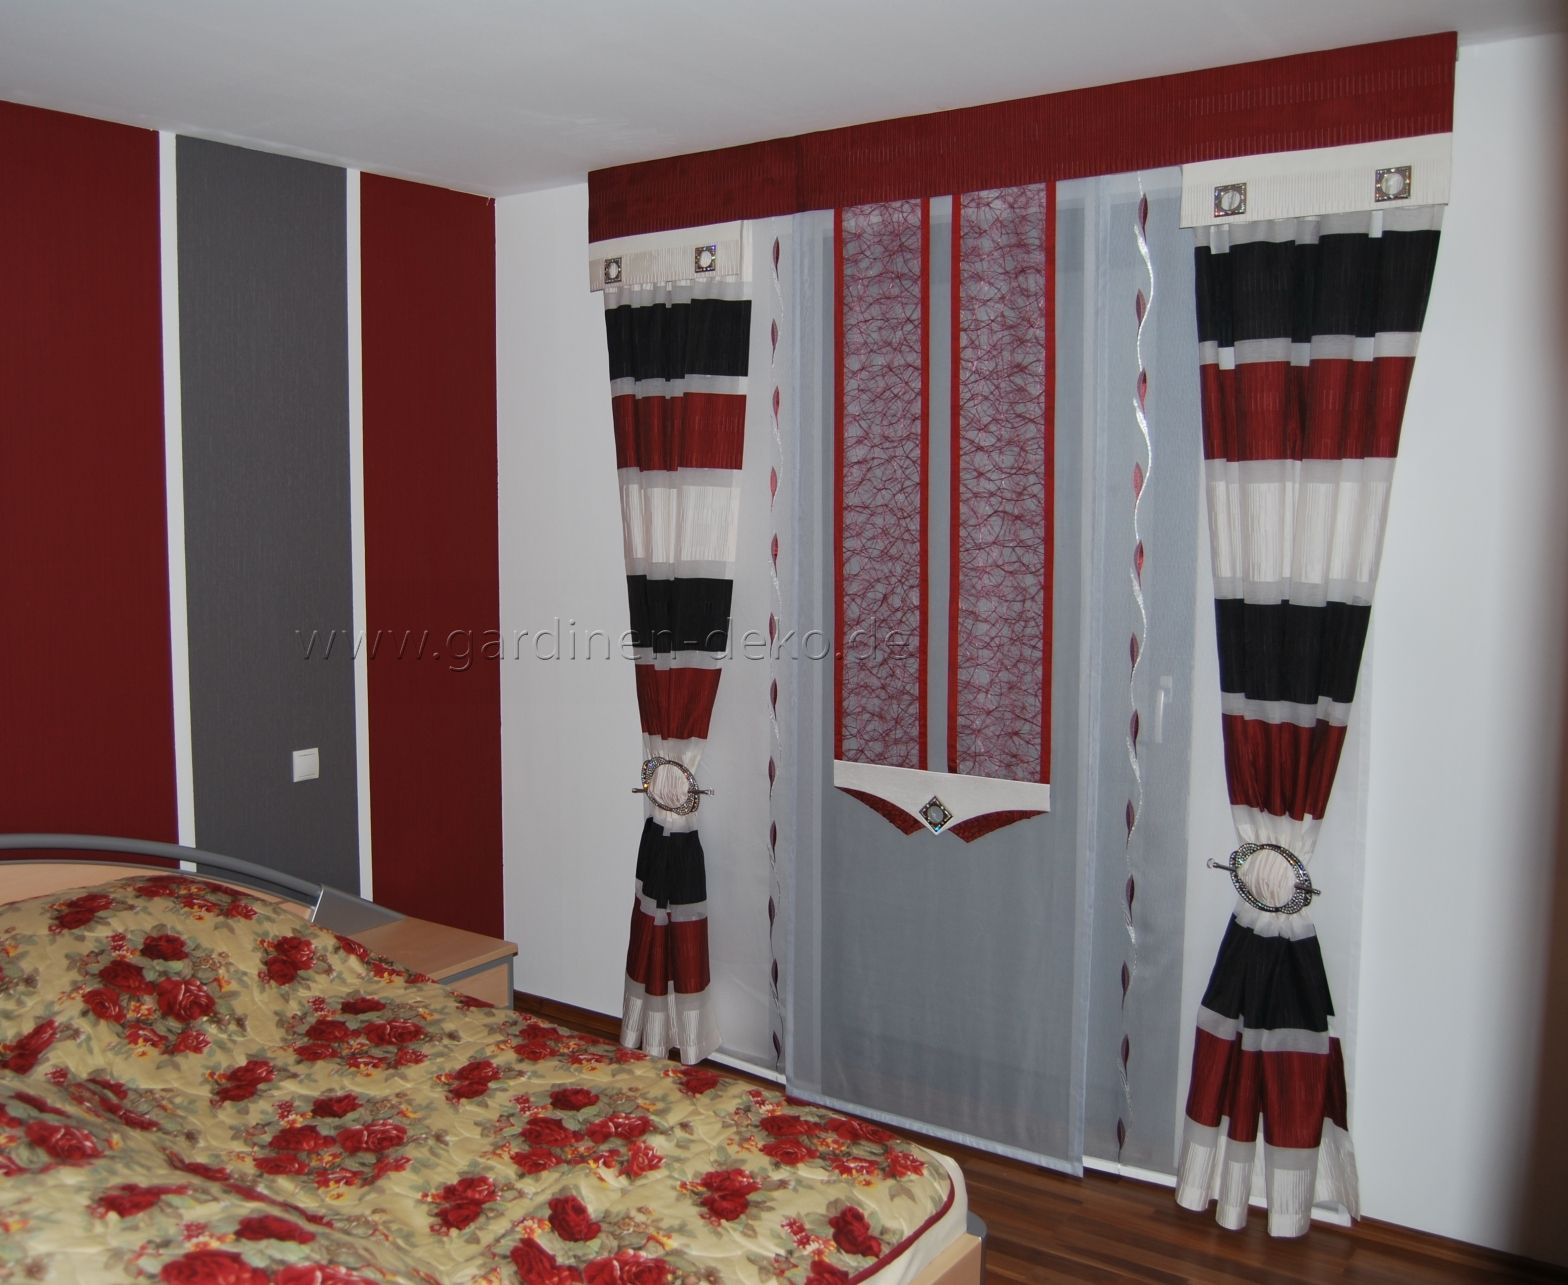 Moderne Schlafzimmer Schiebegardine in rotweischwarz